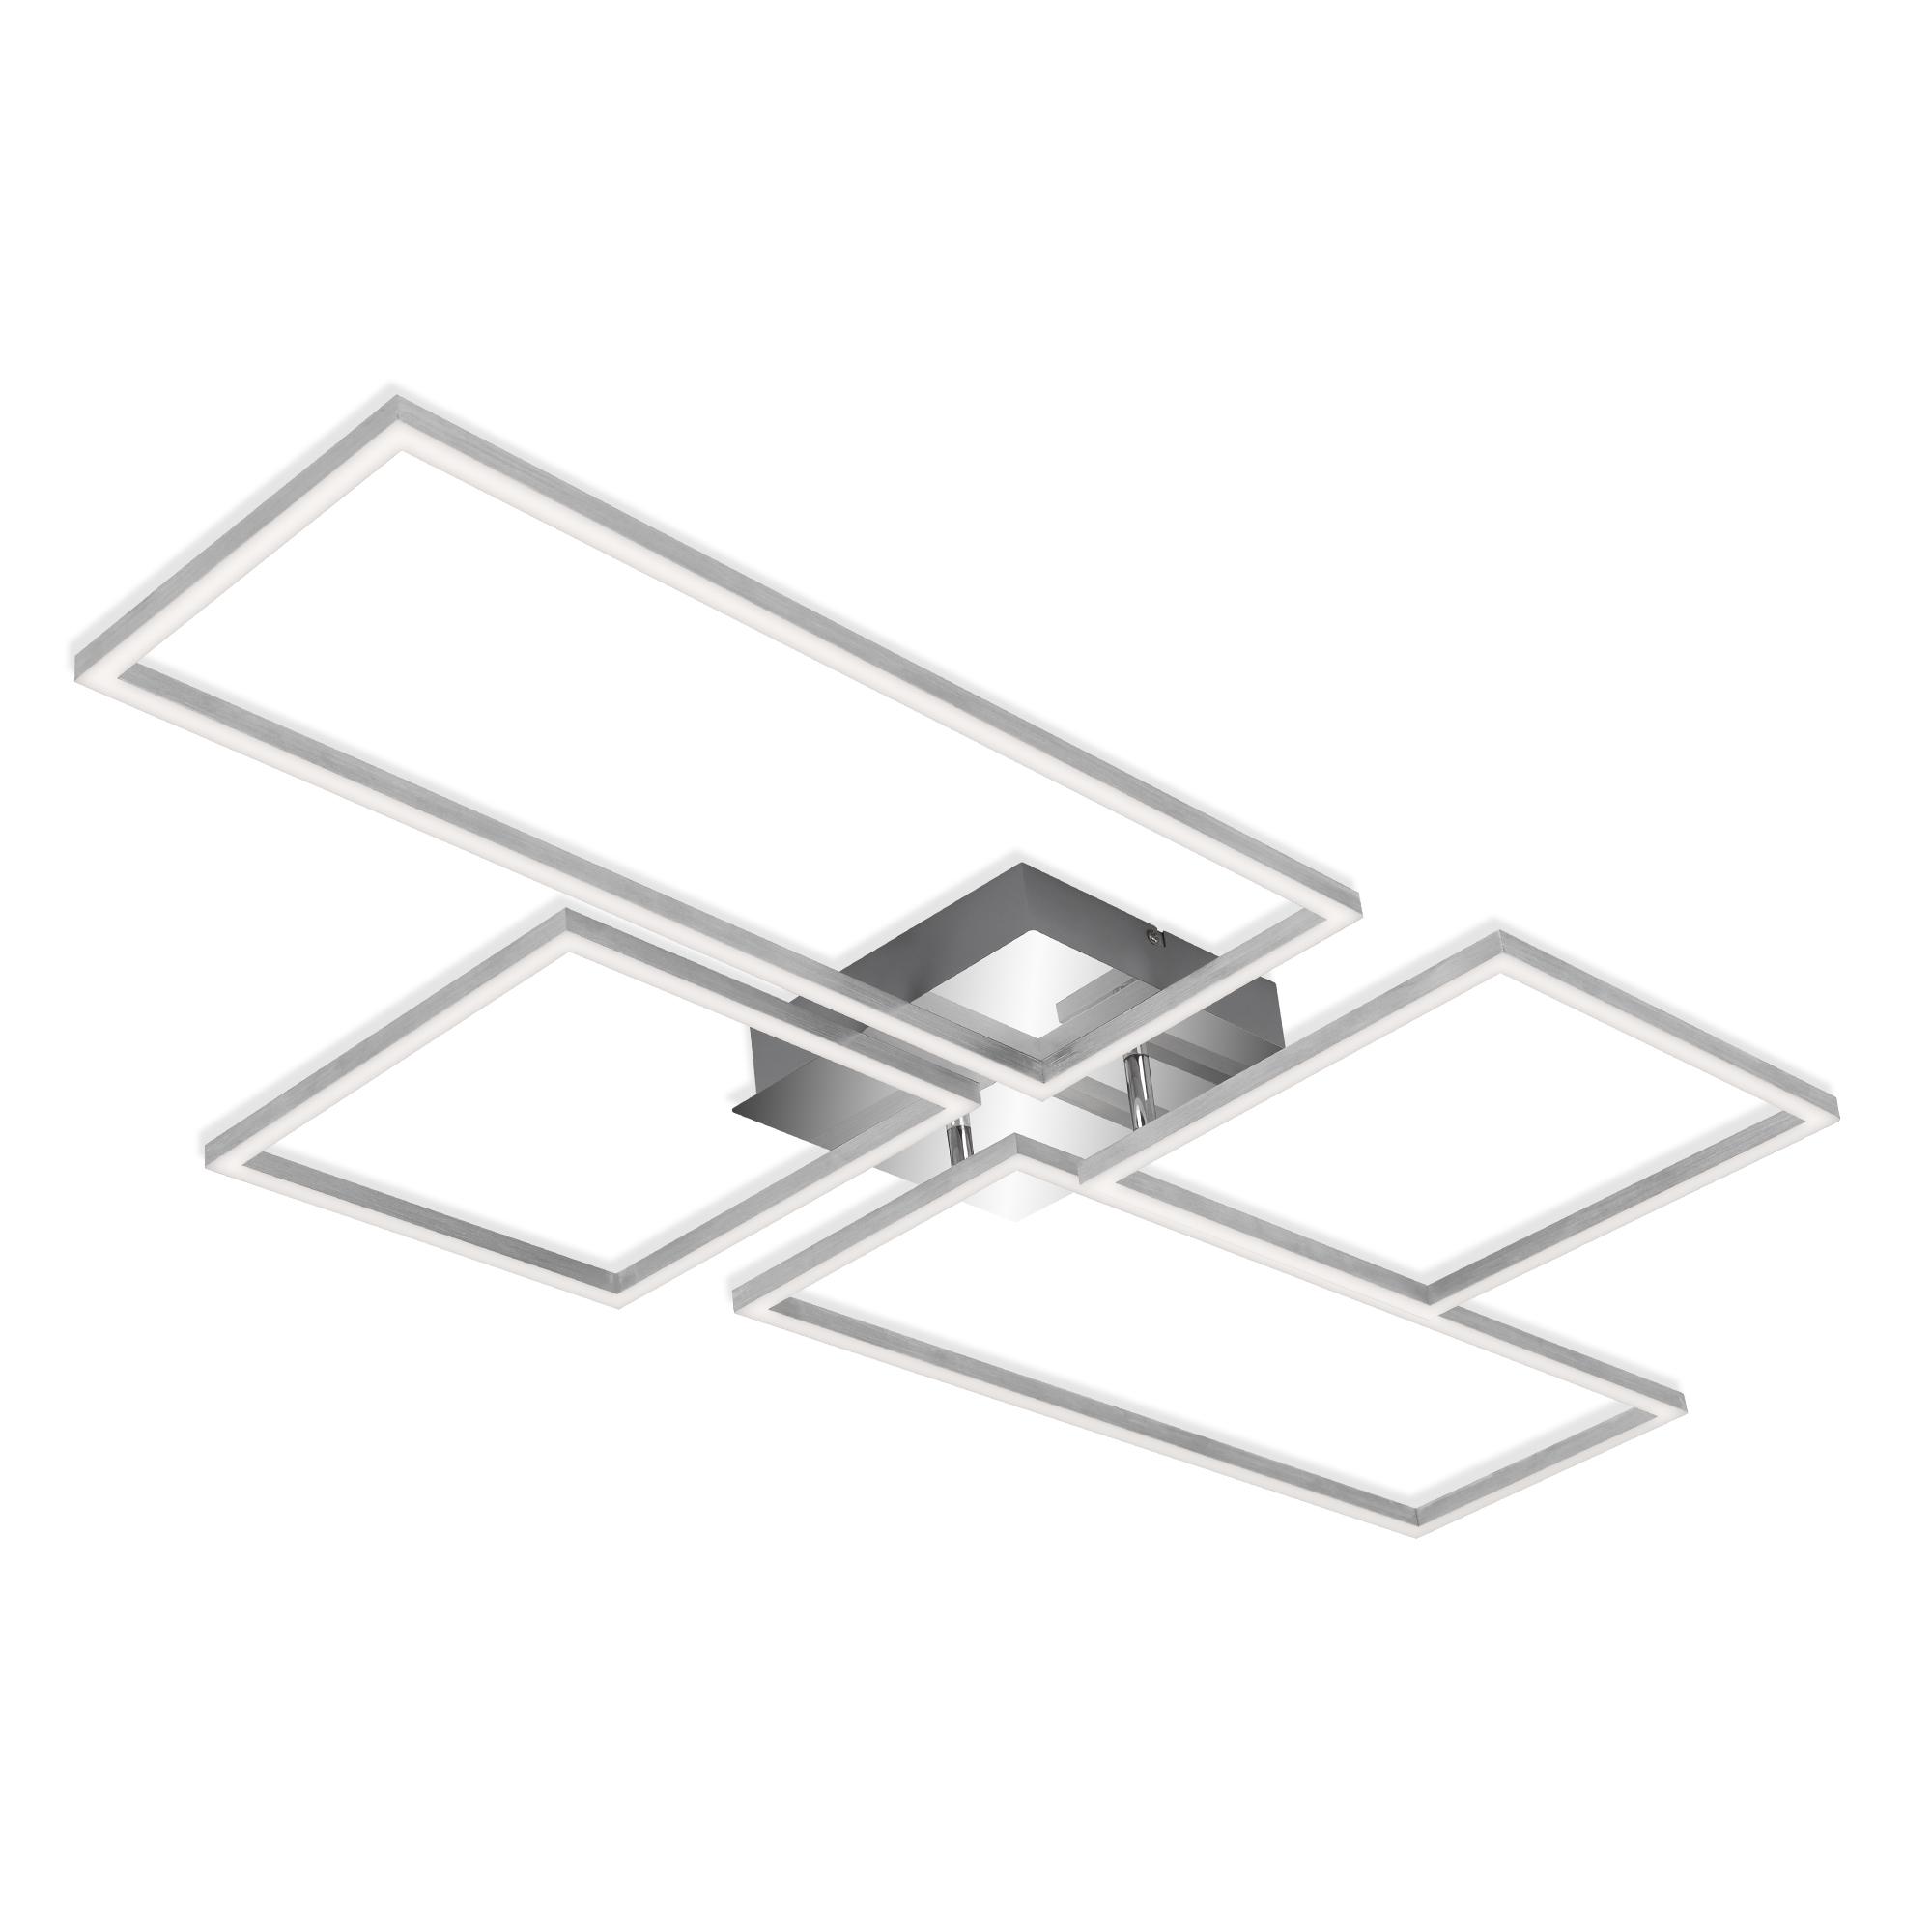 CCT LED Deckenleuchte, 110 cm, 5500 LM, 55 W, Alu-Chrom